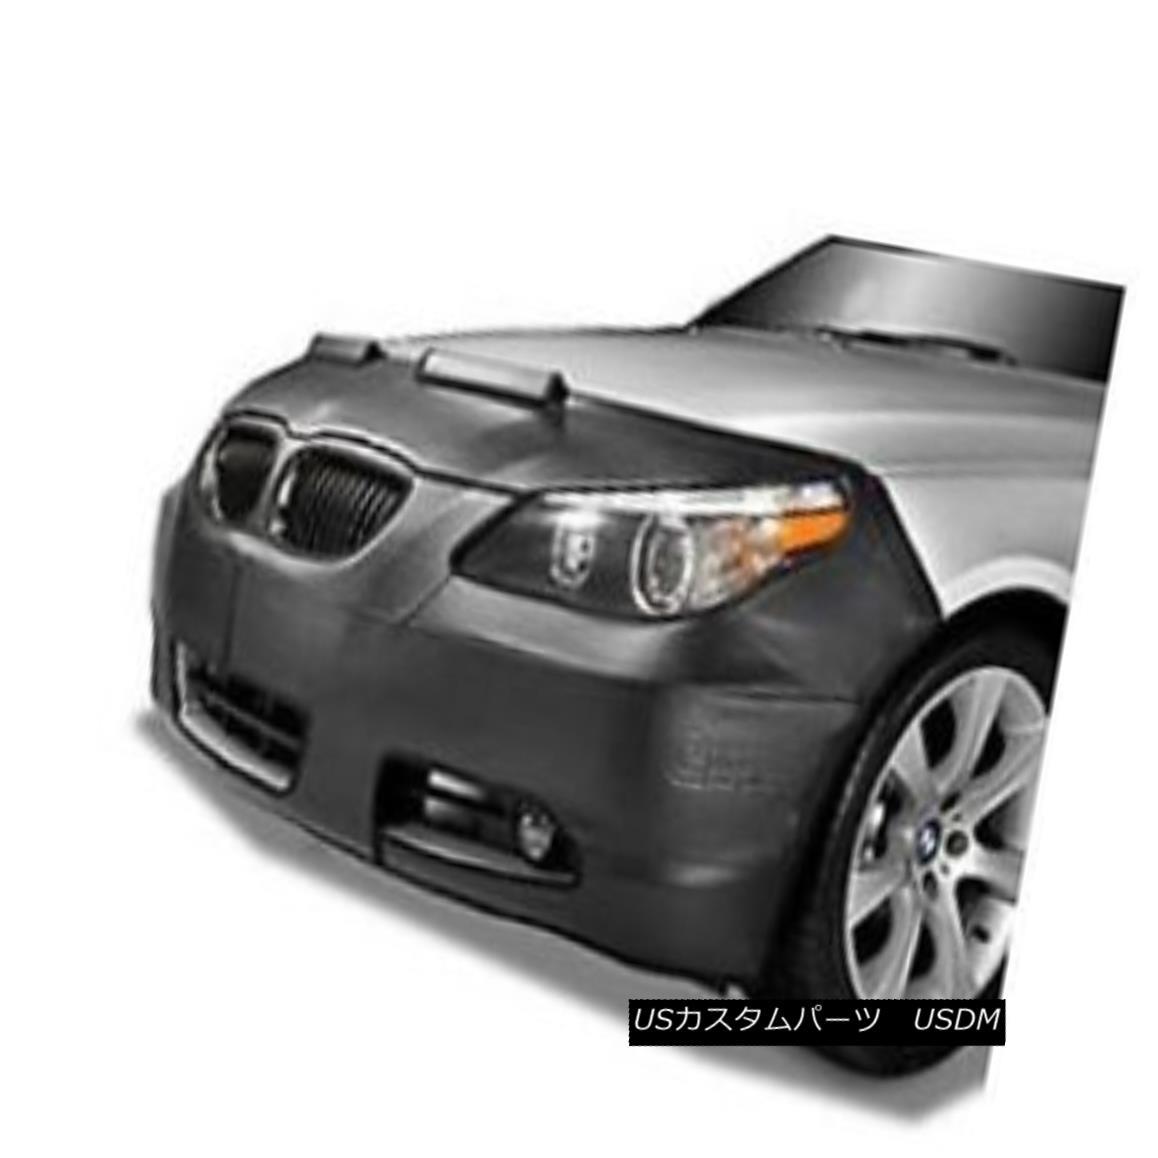 フルブラ ノーズブラ Colgan Front End Mask Bra 2pc. Fits Audi Q5 2009-12 W/OLicense Plate,W/O Sensors コルガンフロントエンドマスクブラ2pc Audi Q5 2009-12 W / Oセンサー、W / Oライセンスプレートに適合